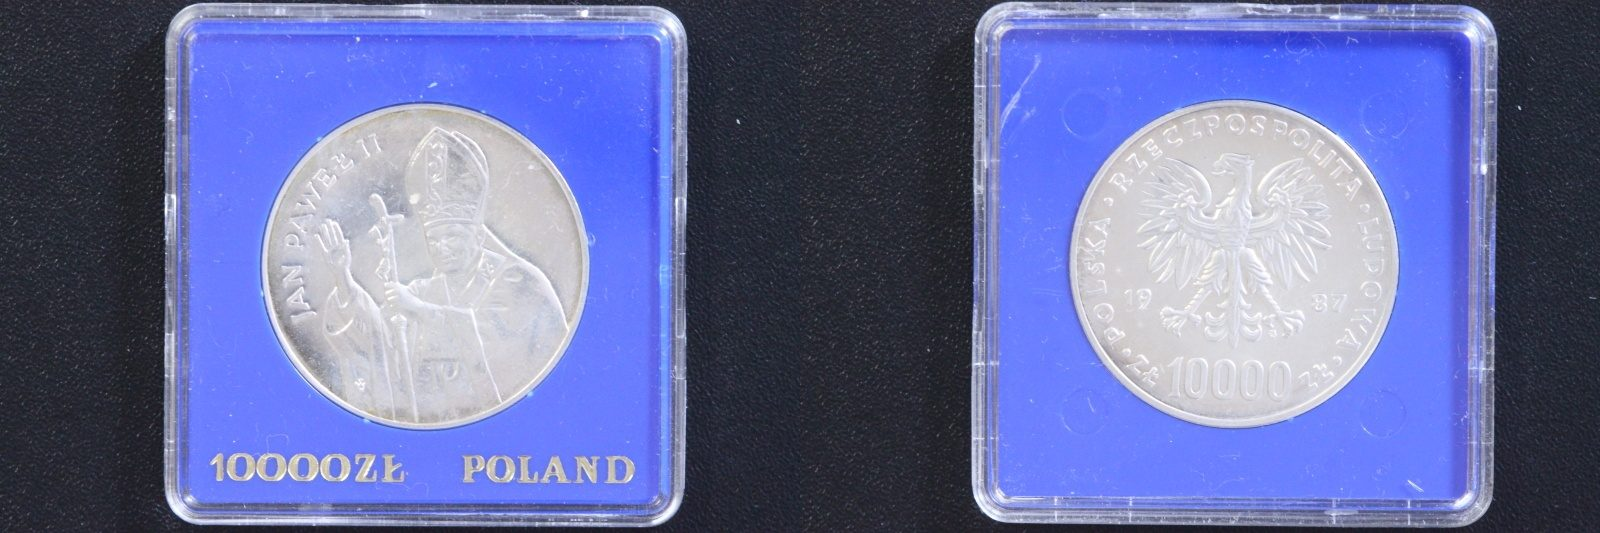 10000 Zloty 1987 Polen Papst Johannes Paul st